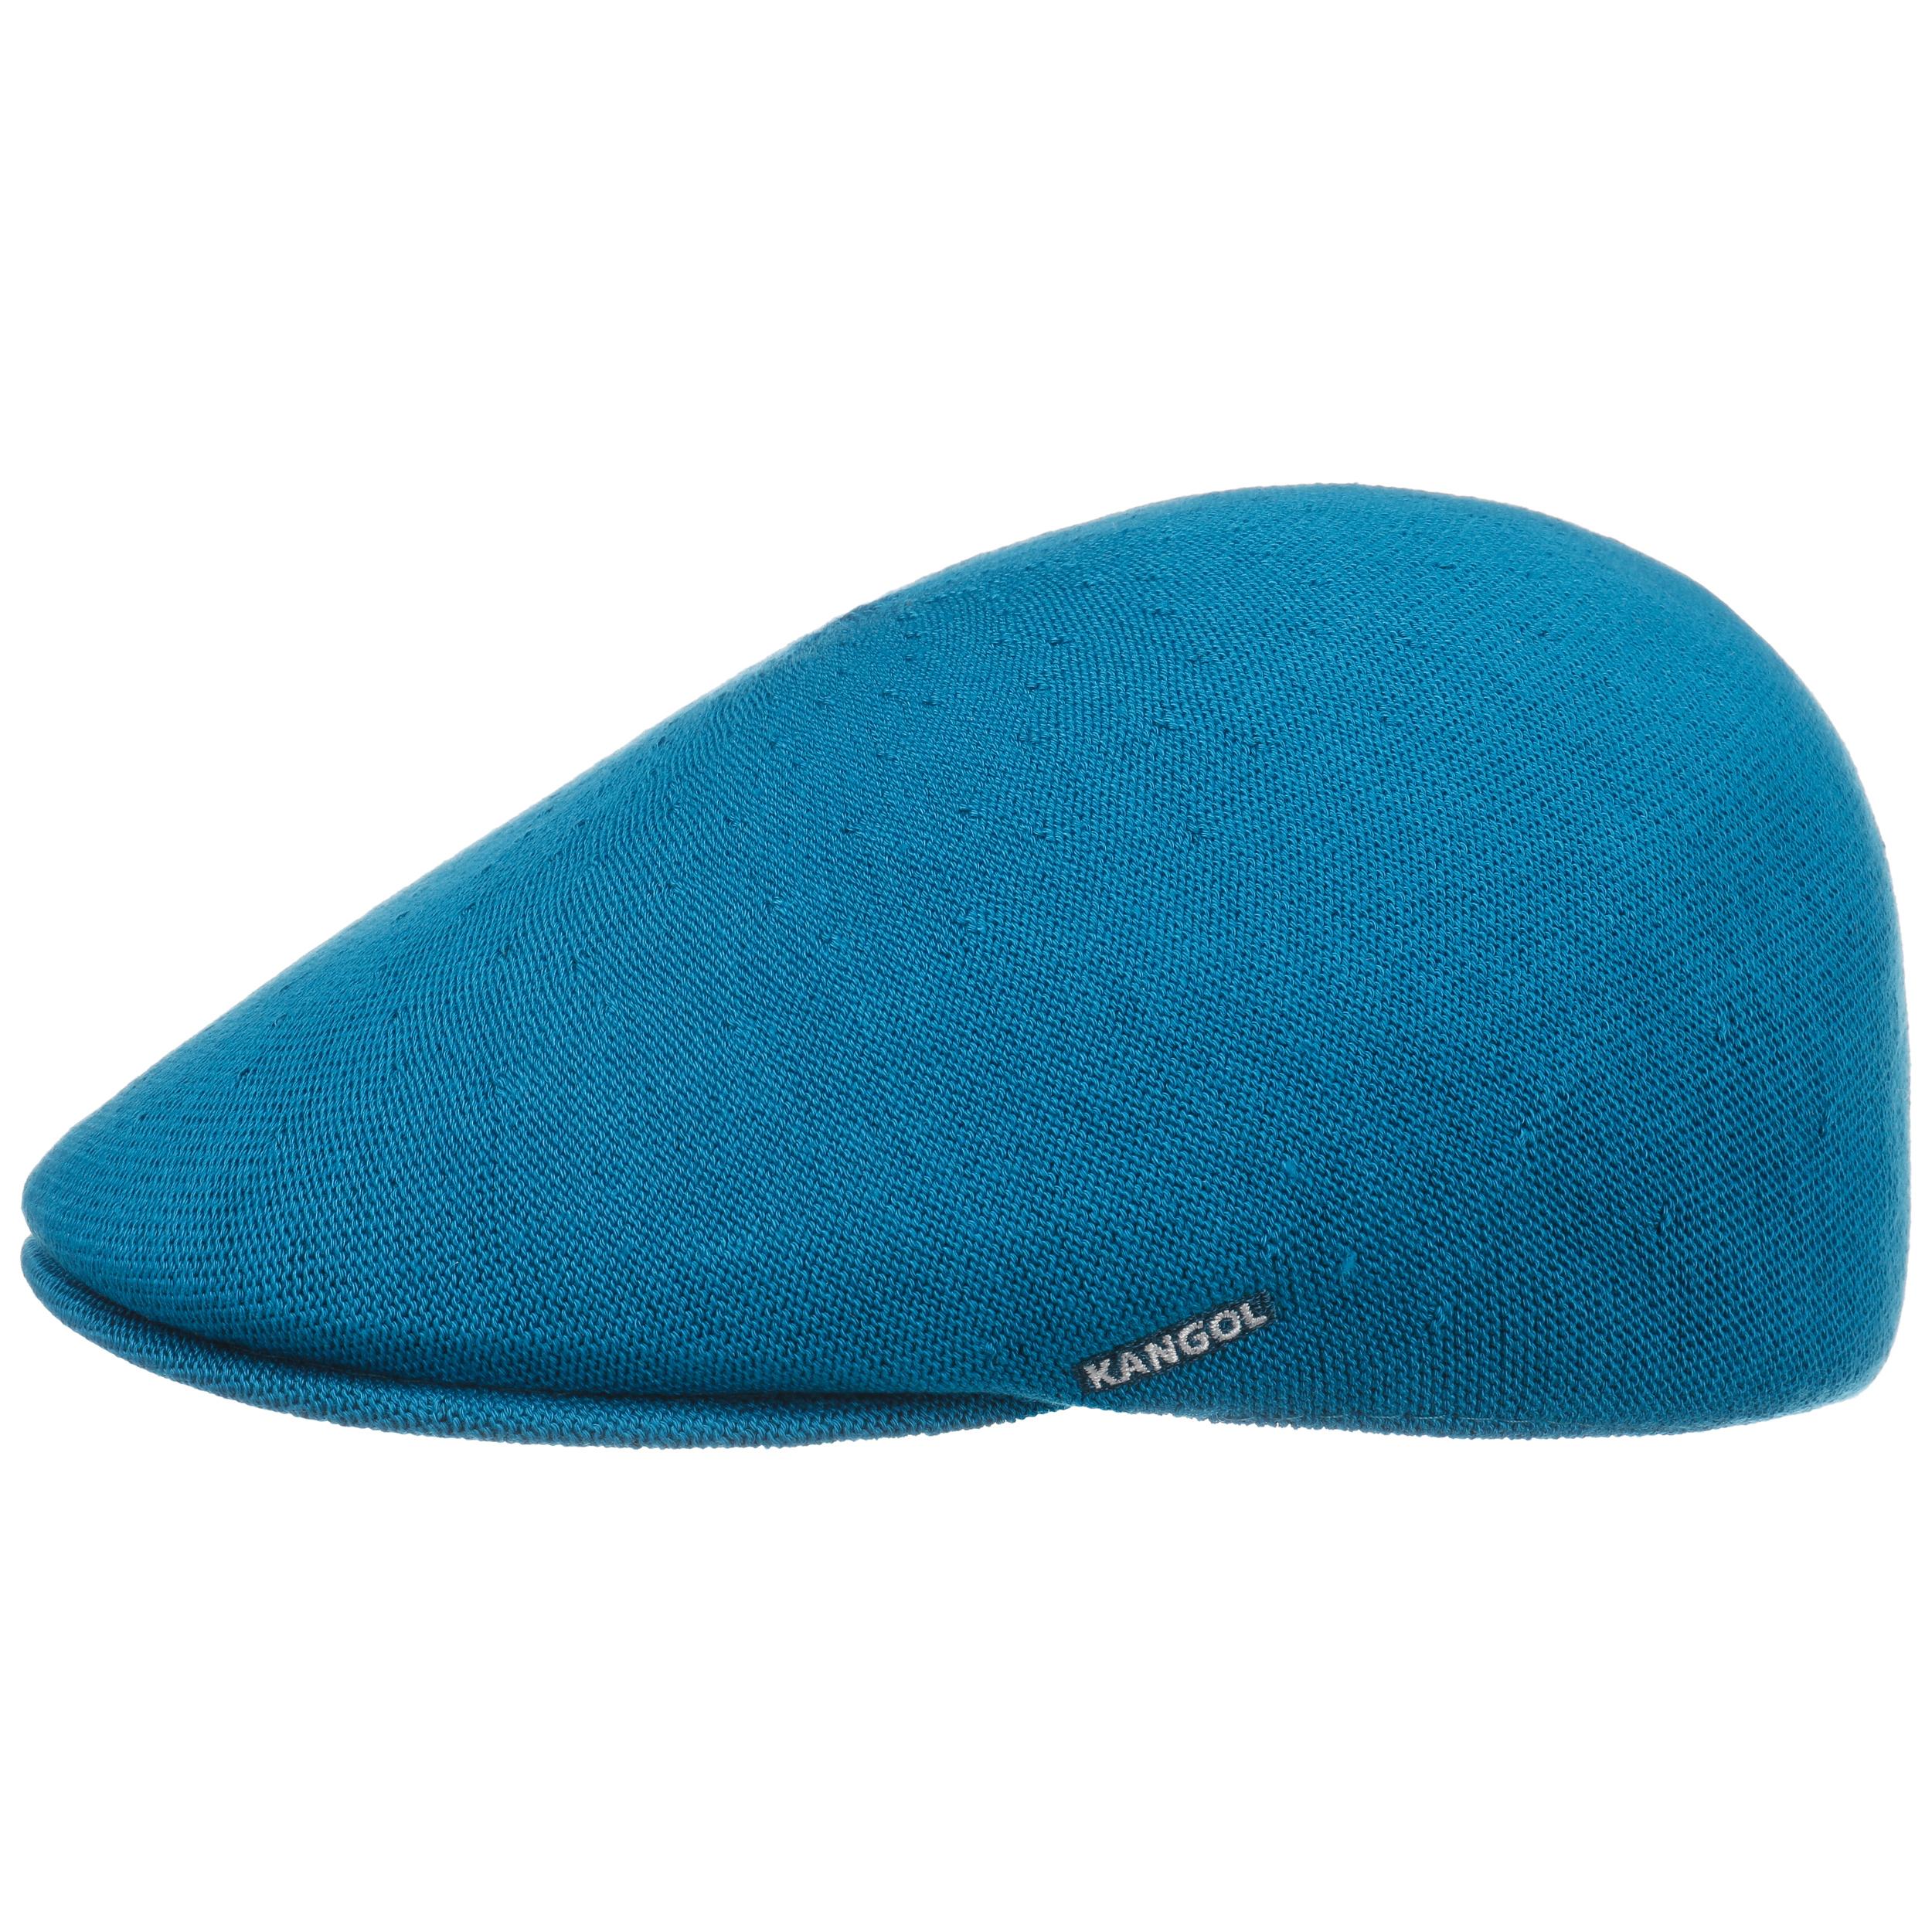 808d13a016802 ... Gorra Gatsby Kangol Bambus 507 - azul 4 ...